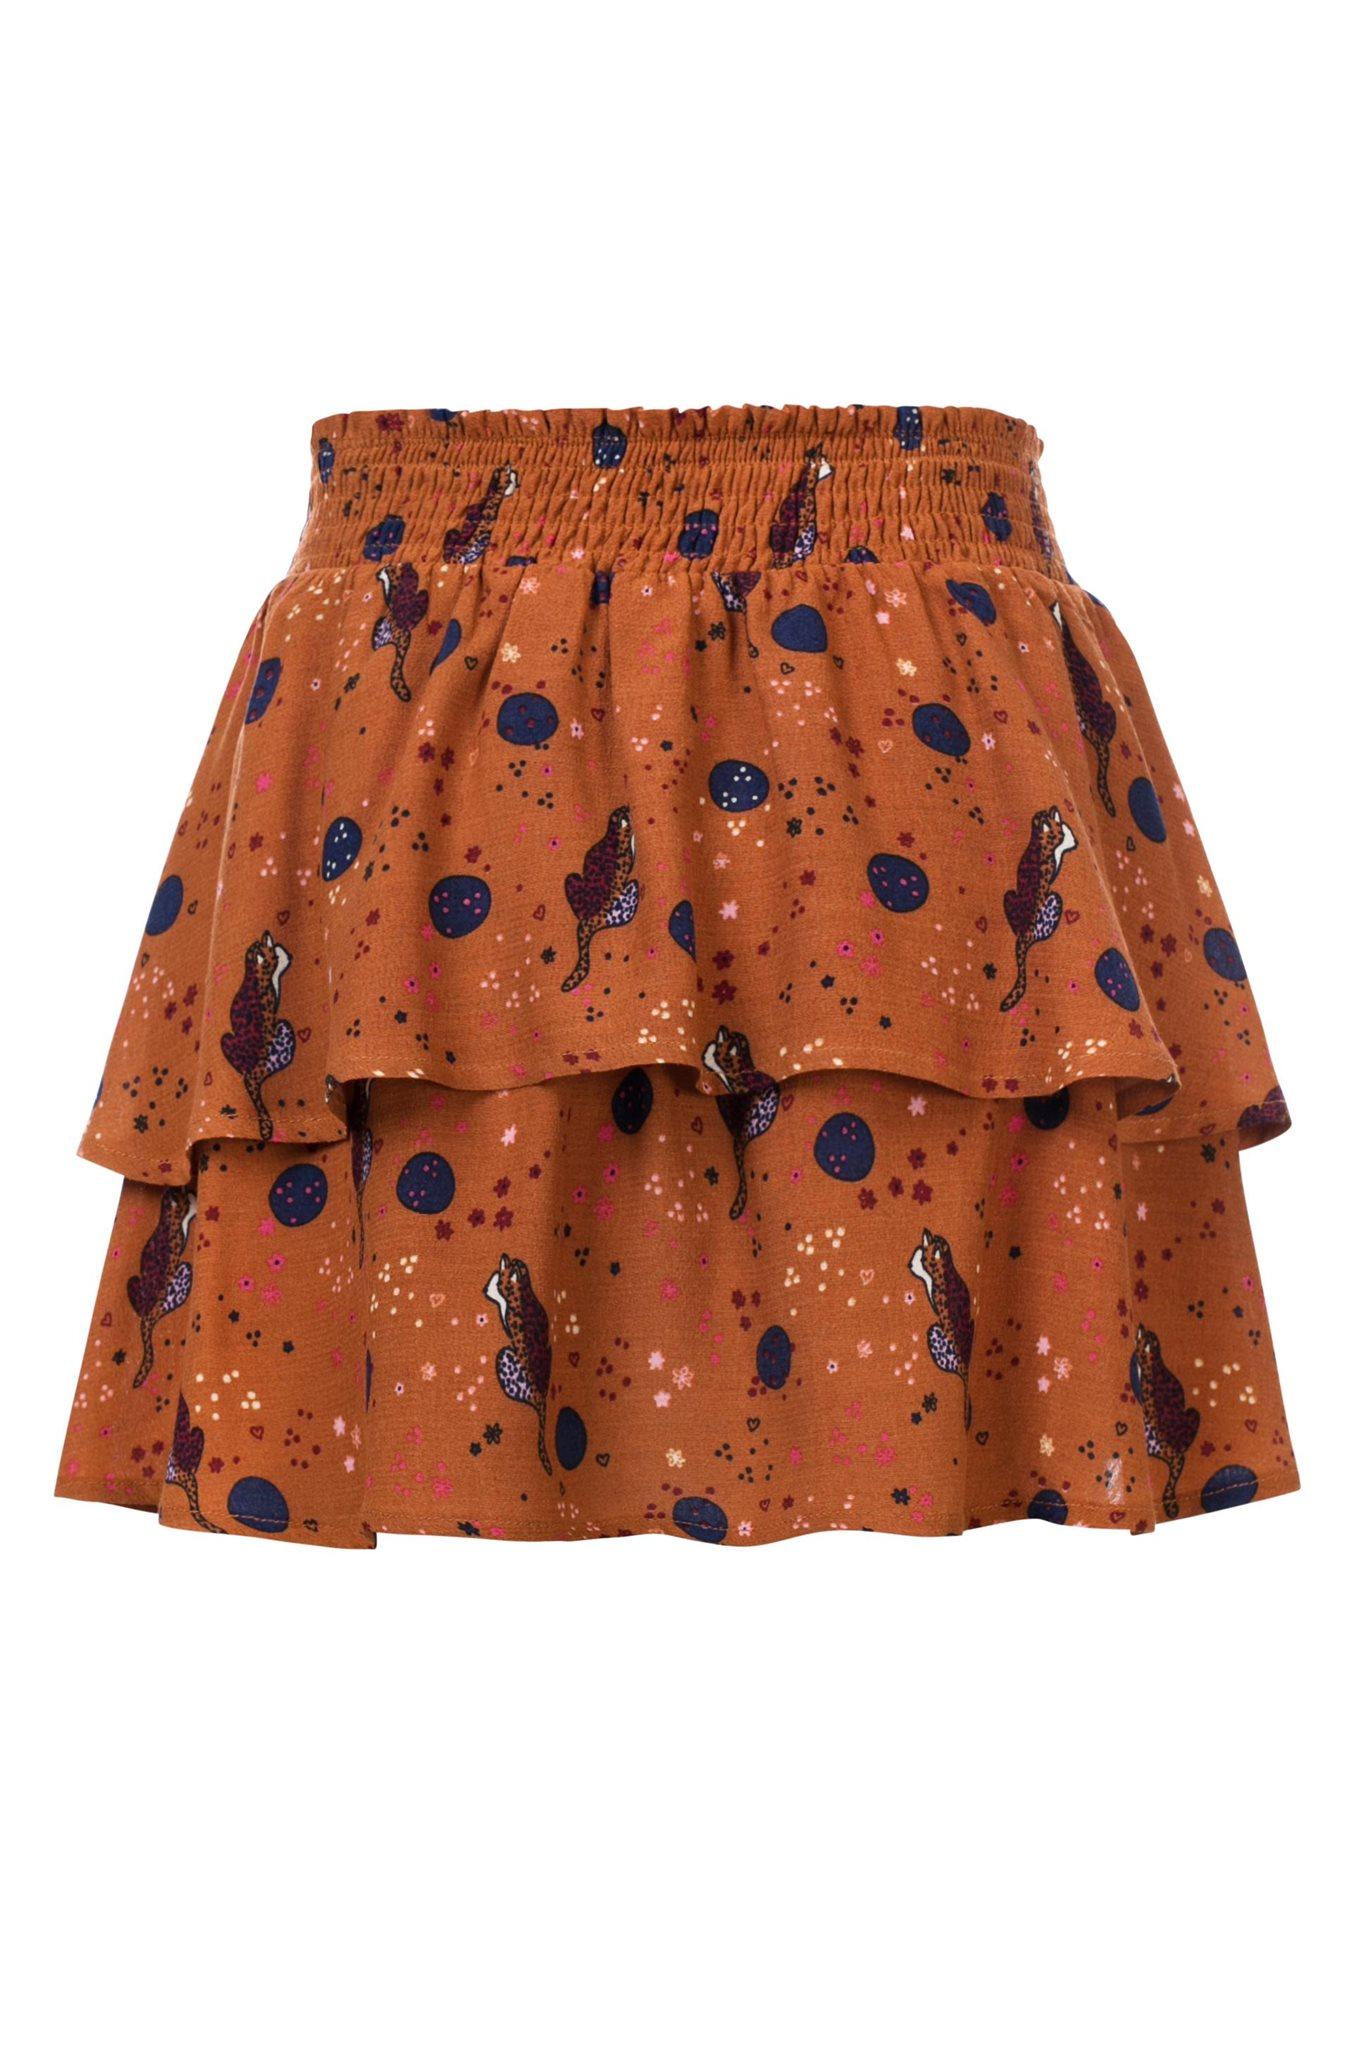 Little Looxs skirt